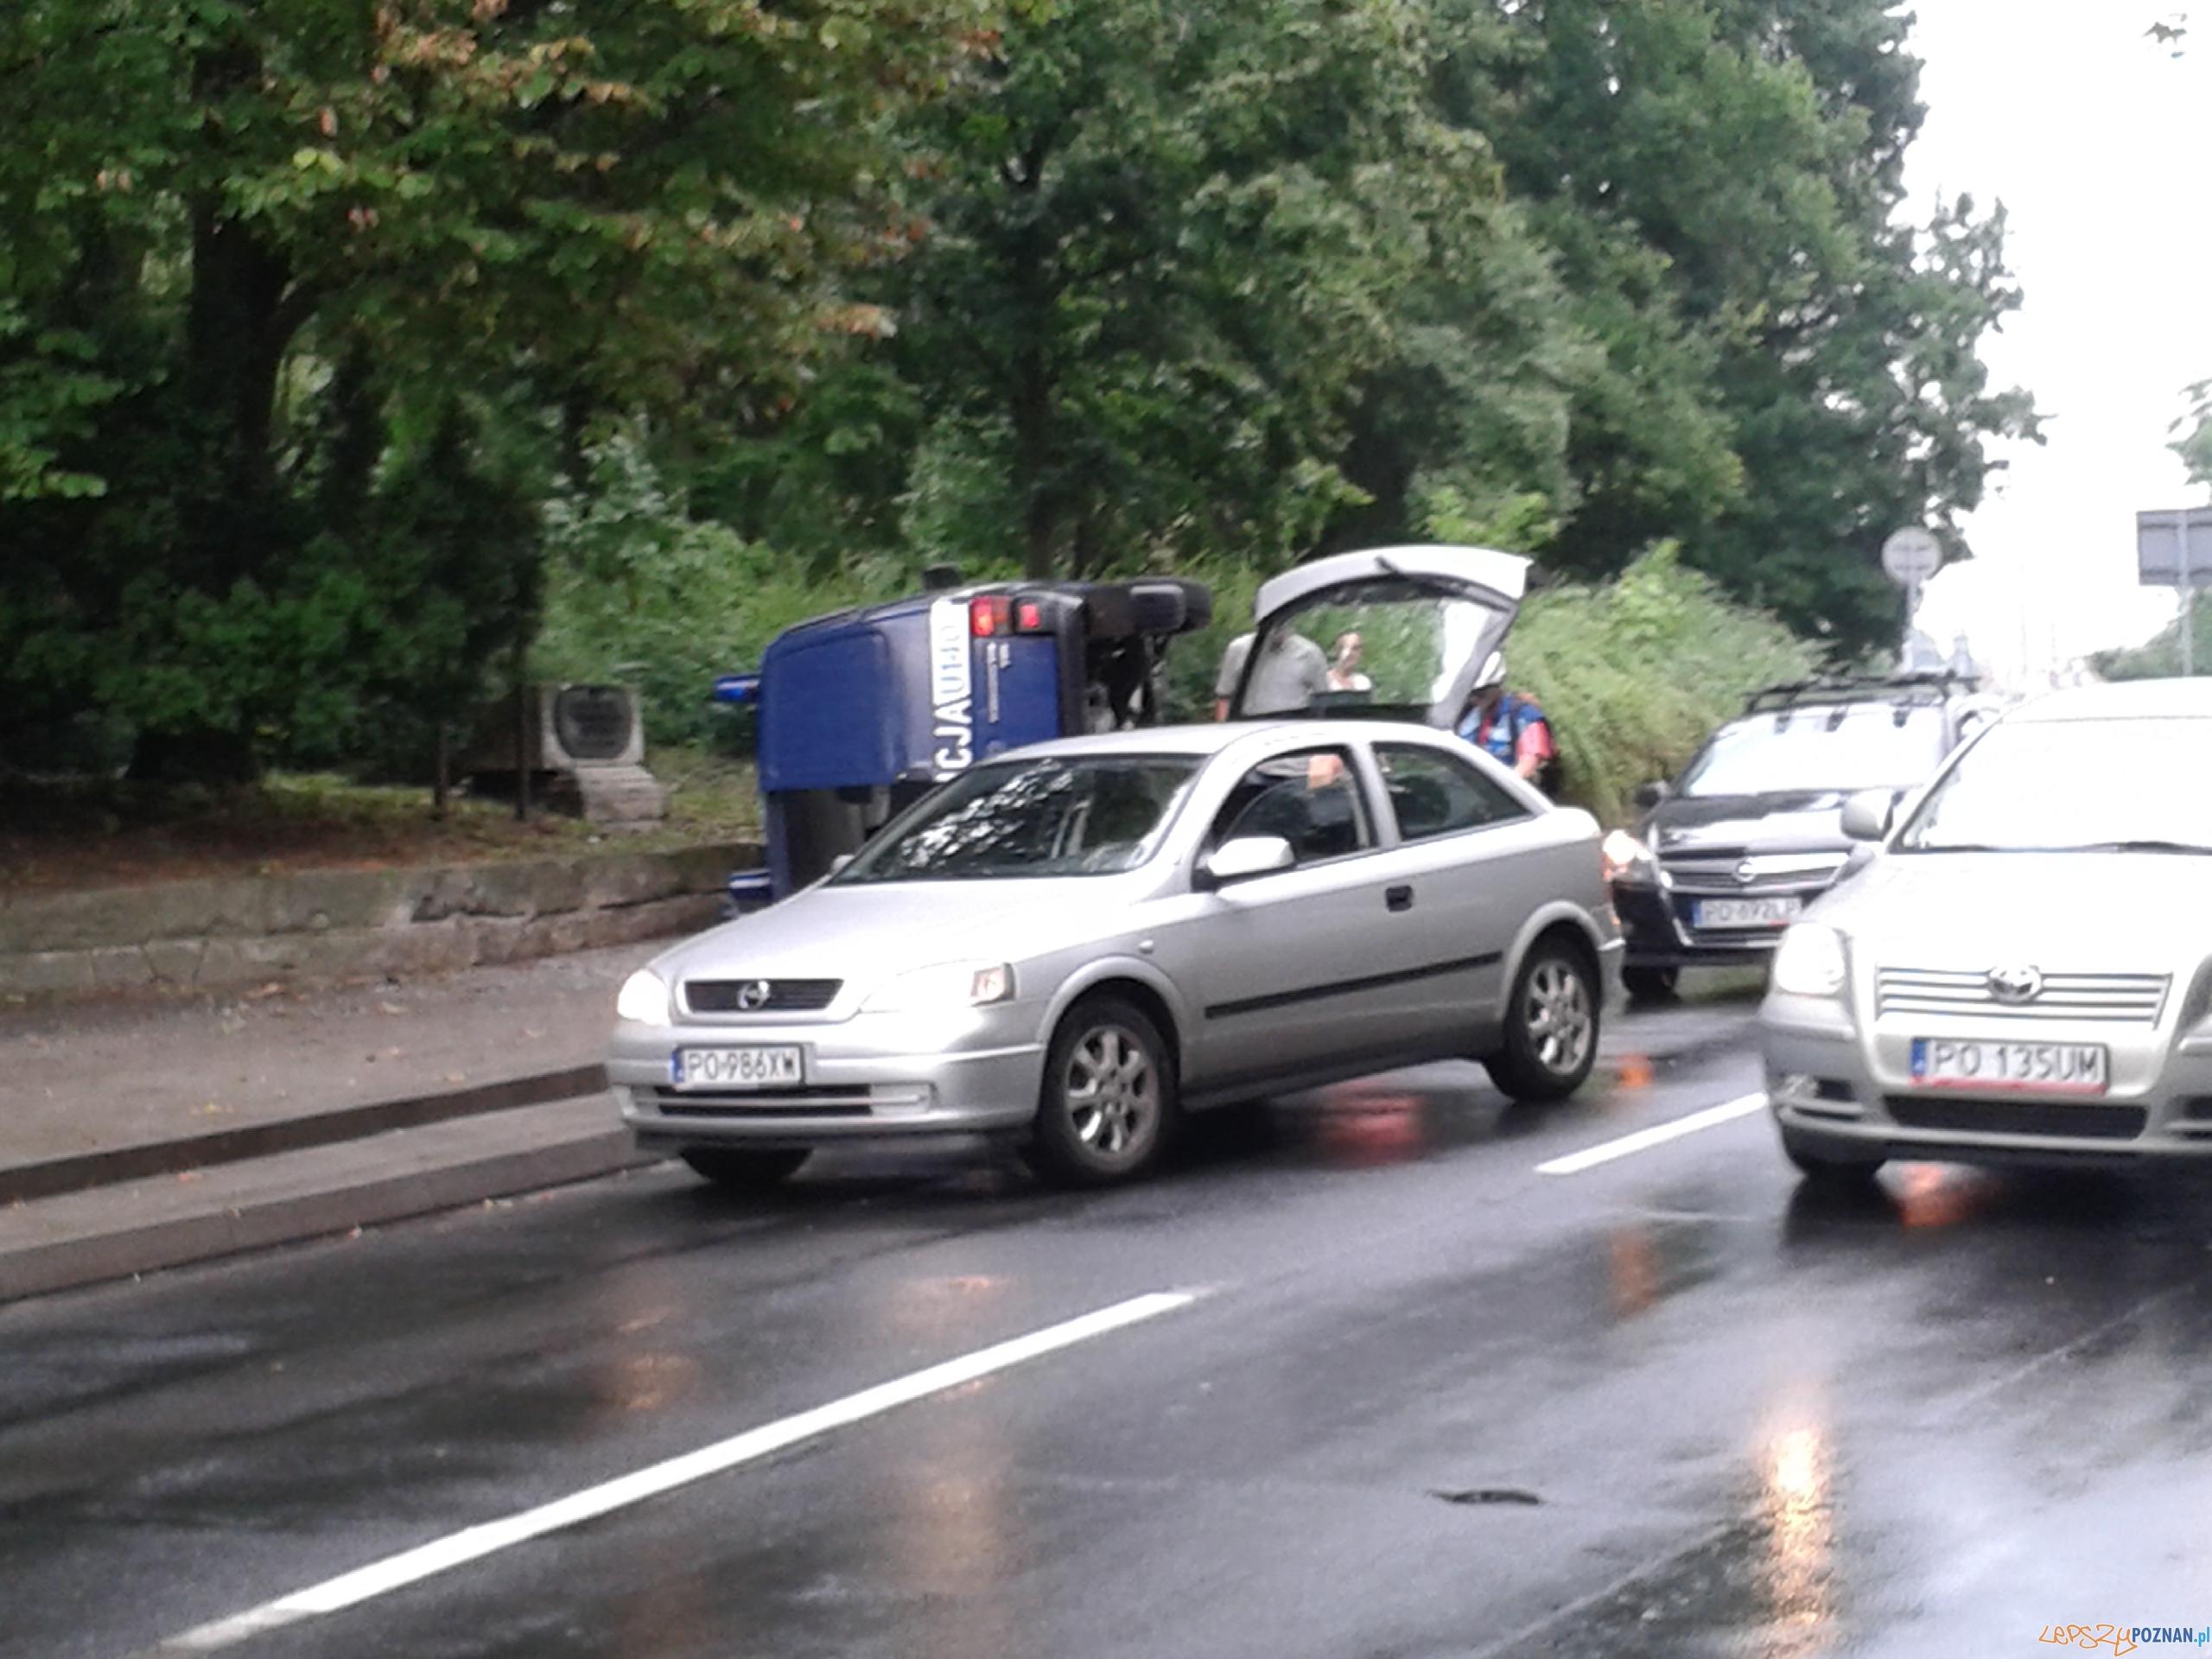 Dachował policyjny radiowóz  Foto: news@lepszypoznan.pl